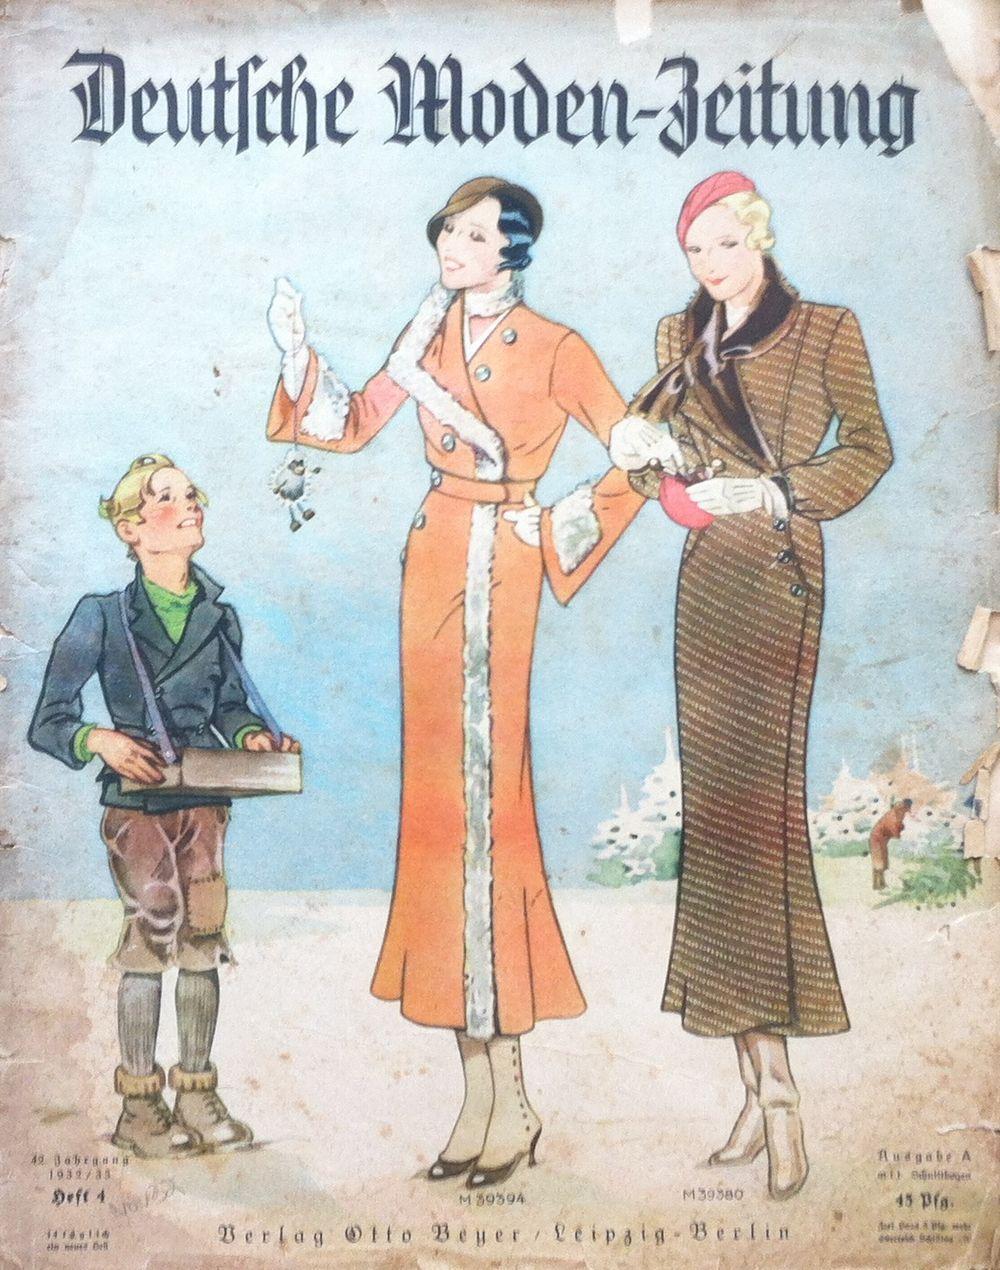 Deutsche Moden-Zeitung No. 4 Vol. 42 1932/33 - Vintage Sewing Patterns - Vintage fashion magazine